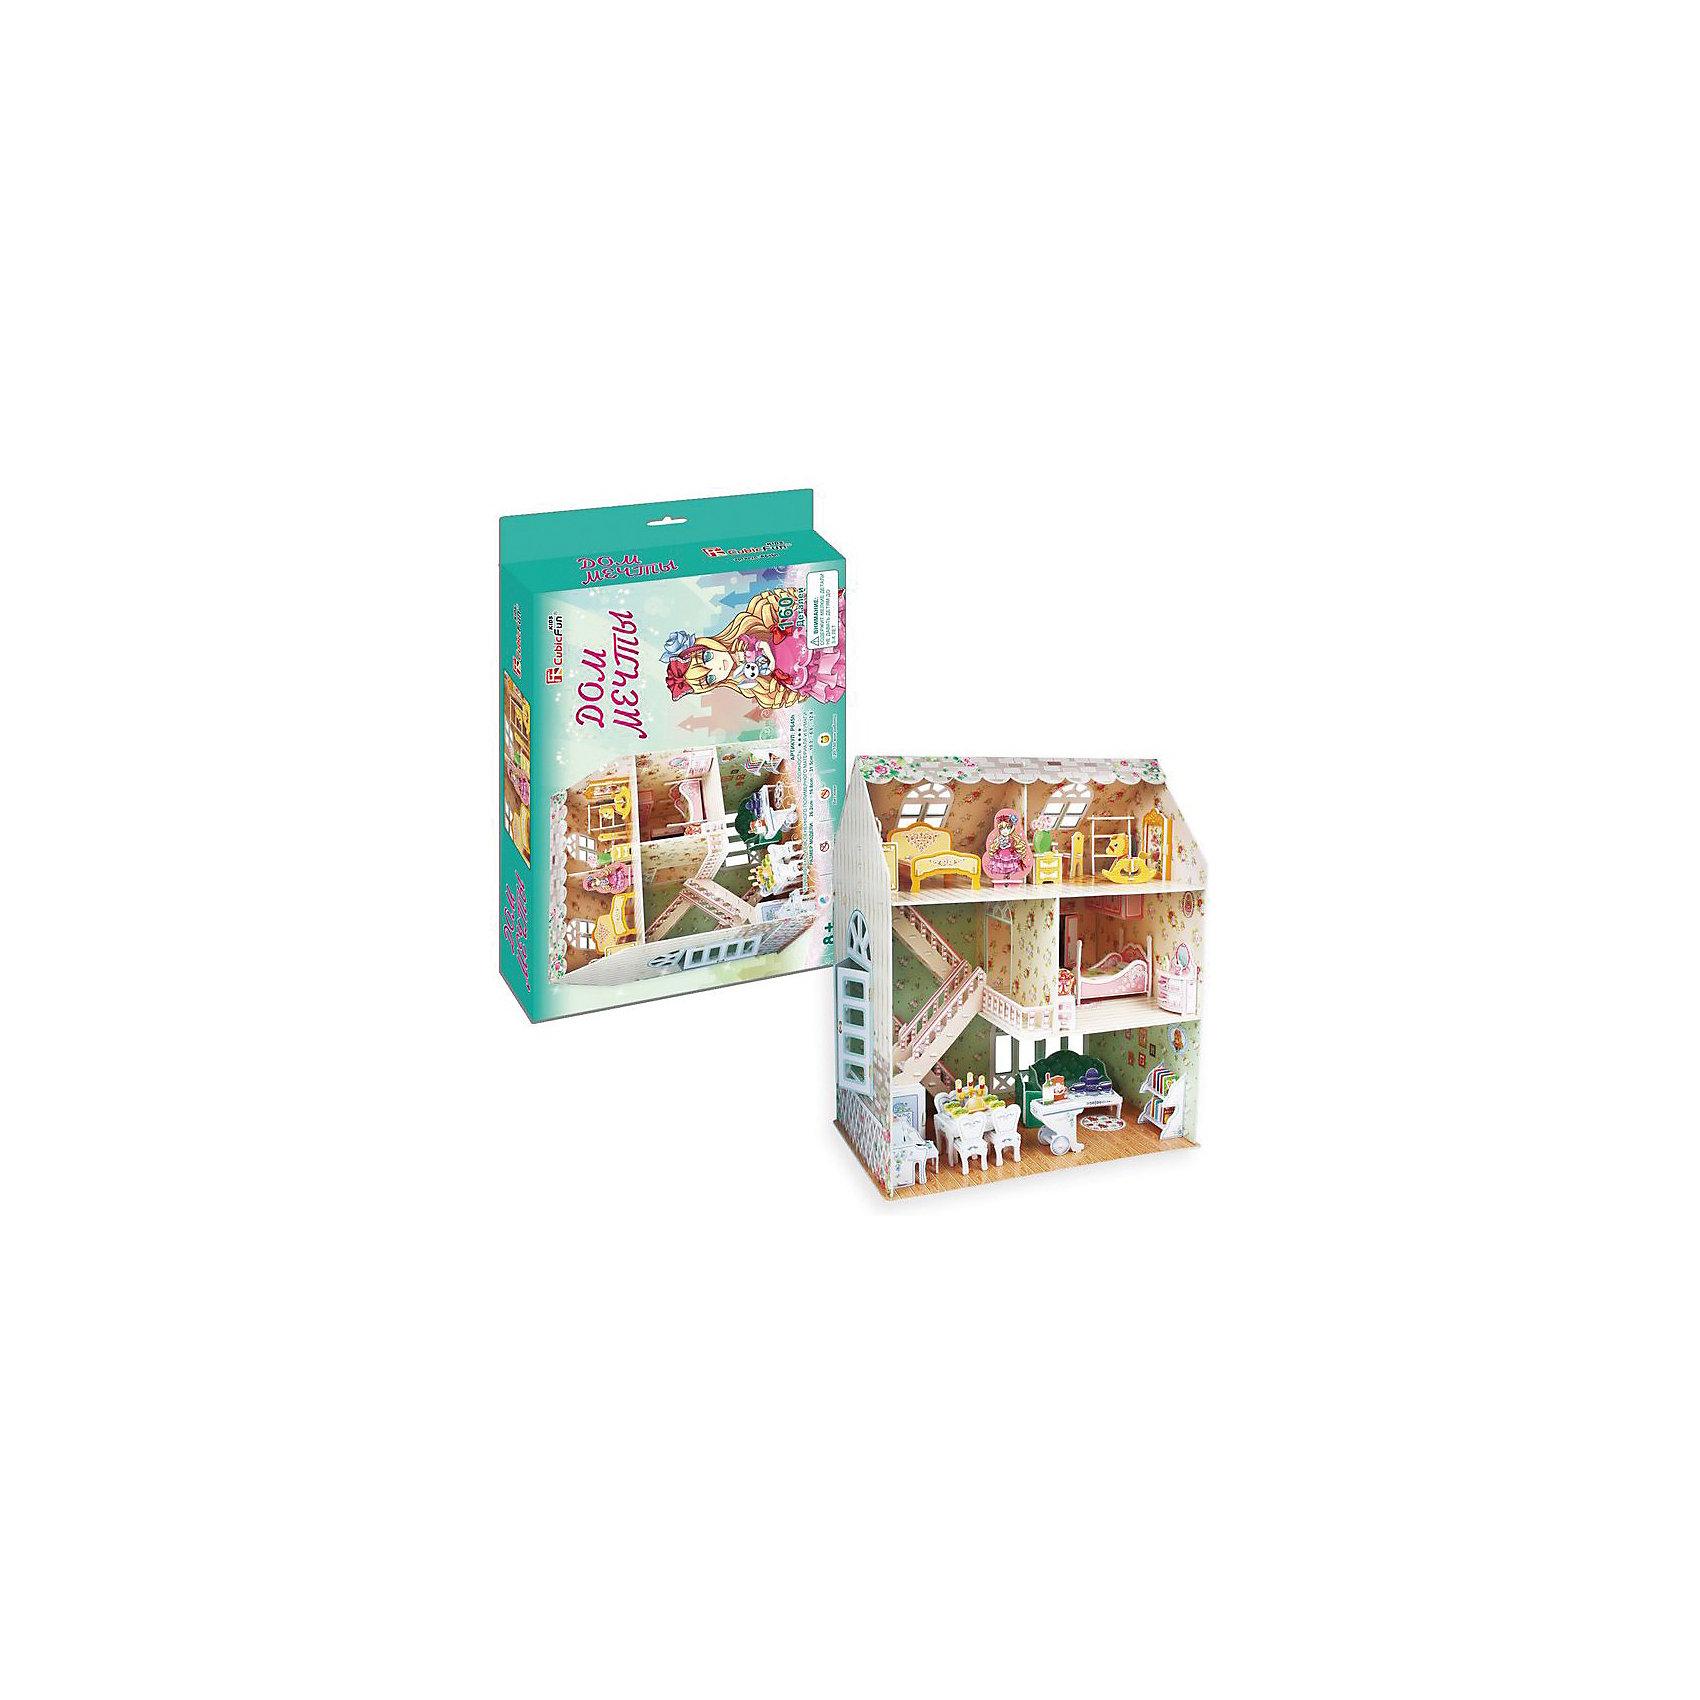 Пазл 3D Дом мечты, CubicFunИгрушечные домики и замки<br>Яркий, красочный Пазл 3D Дом мечты, CubicFun (КубикФан) подойдет как для игры в куклы, так и для наглядности и украшения детской комнаты.<br><br>Данная модель входит в Рождественскую серию, поэтому она будет идеальным подарком на Новый год, на день Святого Николая или на Рождество. Пусть ваша дочь самостоятельно соберет свой домик мечты, тем более это так легко – без клея и ножниц. Достаточно просто выдавить нужные детали и соединить их друг с другом по схеме.<br>Игра с конструктором способствует развитию внимания, наблюдательности, логики и мелкой моторики рук<br><br>Дополнительная информация:<br><br>-Количество деталей: 160<br>-Размер в собранном виде: 16,8х26,2х31 см<br><br>3D будет идеальным подарком для любой девочки. Девочка получит самое настоящее удовольствие, а прекрасный домик может украсить её комнату. <br><br>Пазл 3D Дом мечты, CubicFun (КубикФан) можно купить в нашем магазине.<br><br>Ширина мм: 330<br>Глубина мм: 45<br>Высота мм: 220<br>Вес г: 575<br>Возраст от месяцев: 60<br>Возраст до месяцев: 144<br>Пол: Унисекс<br>Возраст: Детский<br>SKU: 3517824